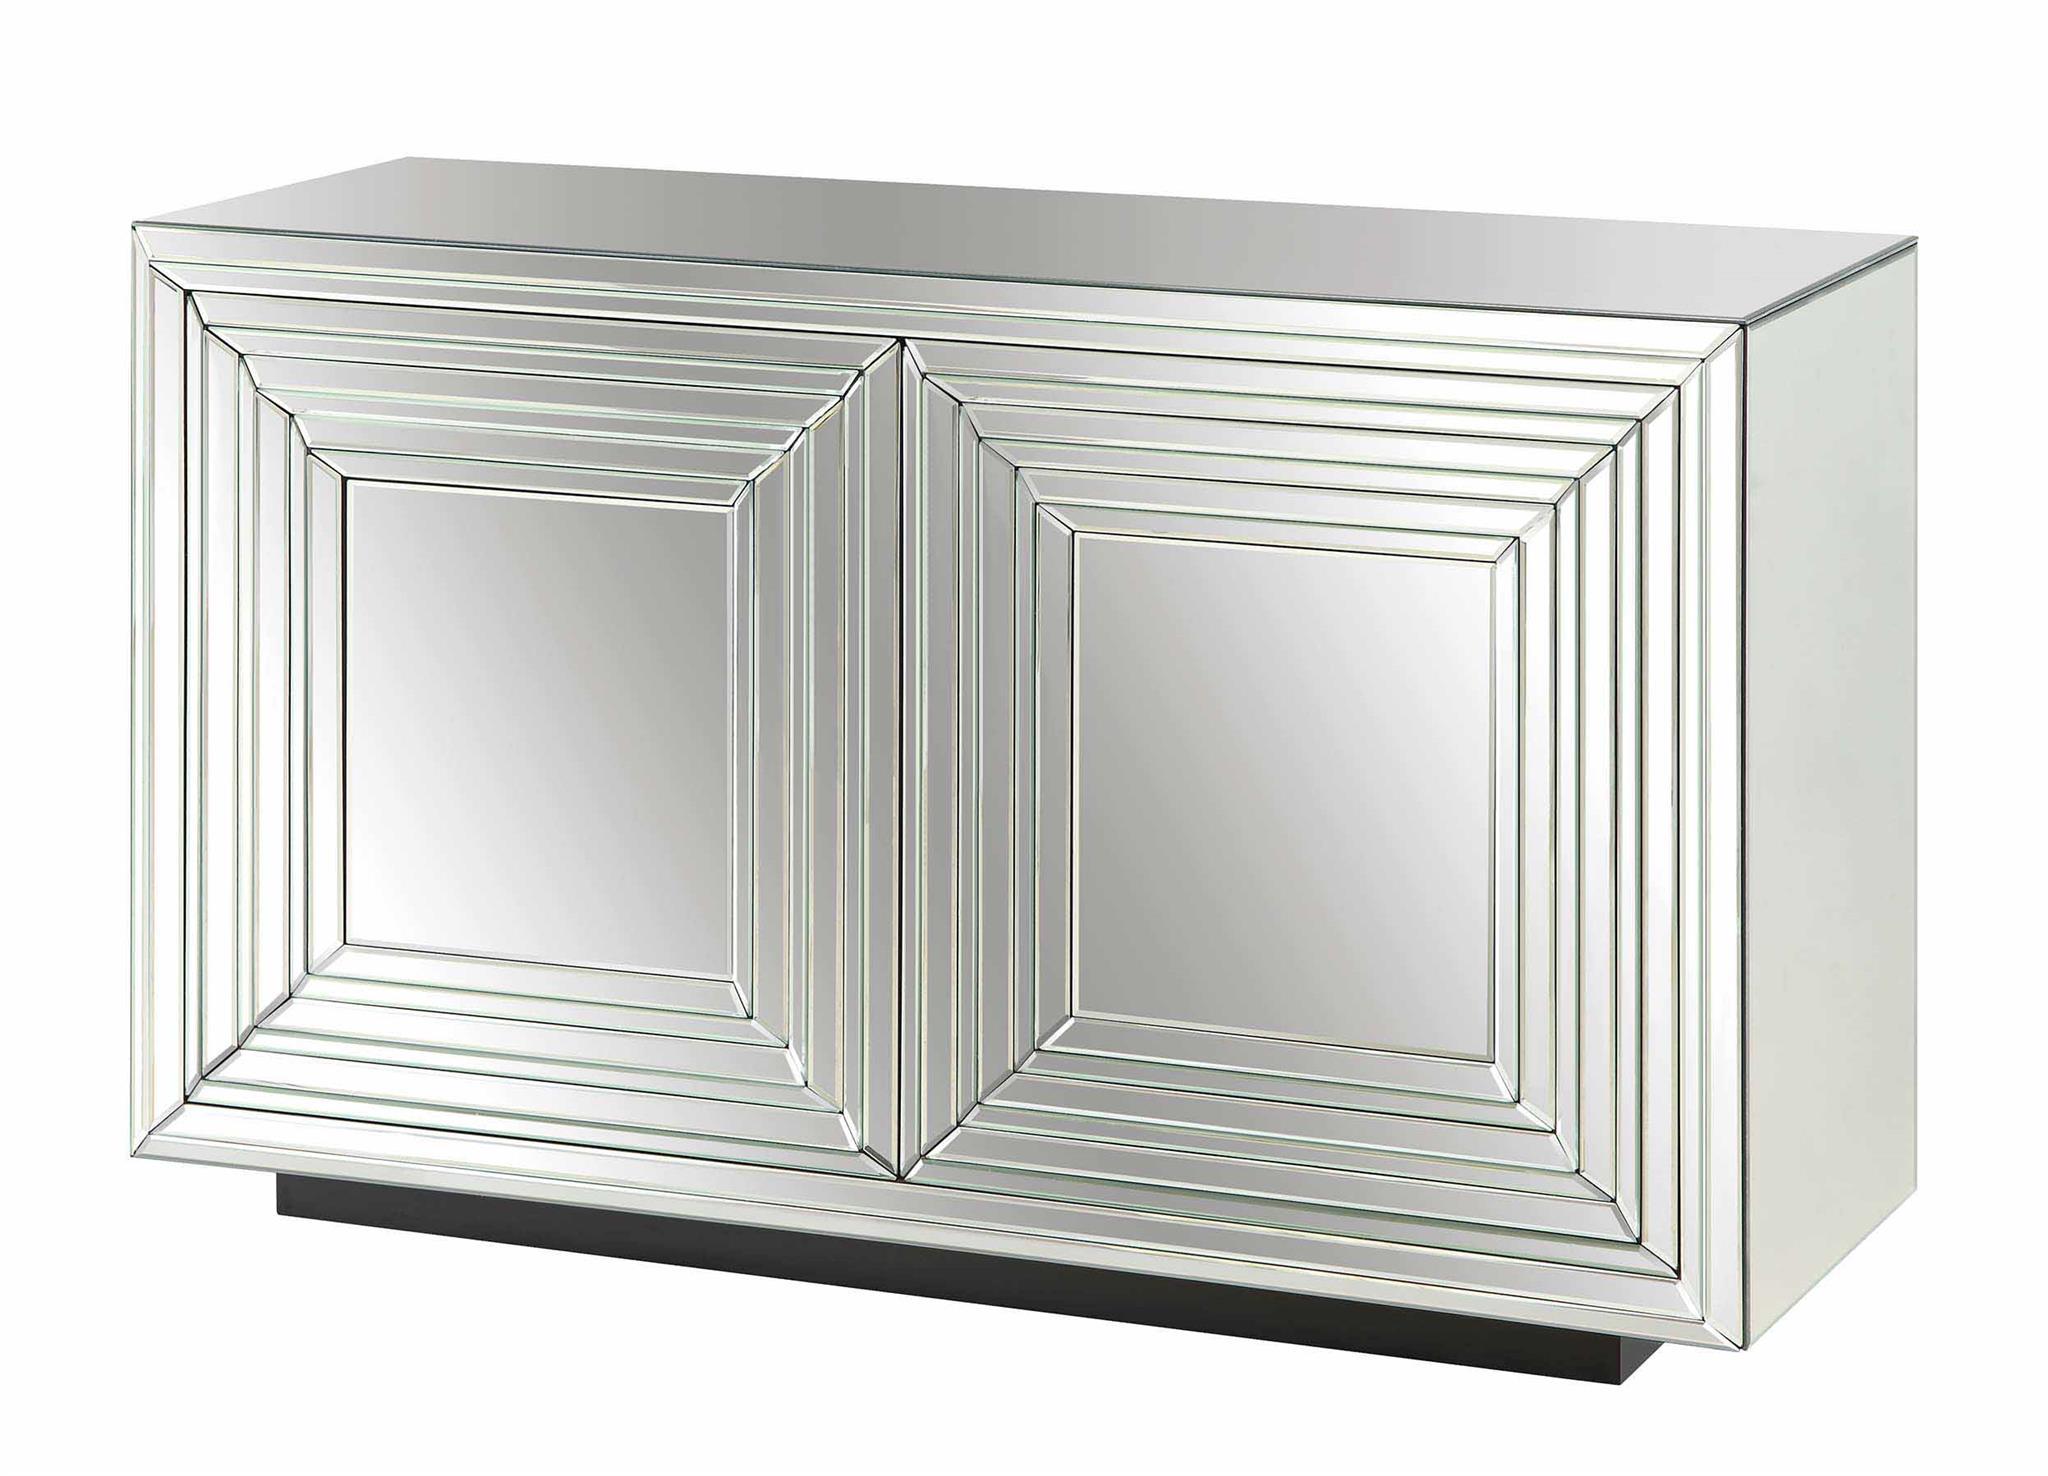 CVFZR987_lg Millenium 2 Door Mirrored Cabinet